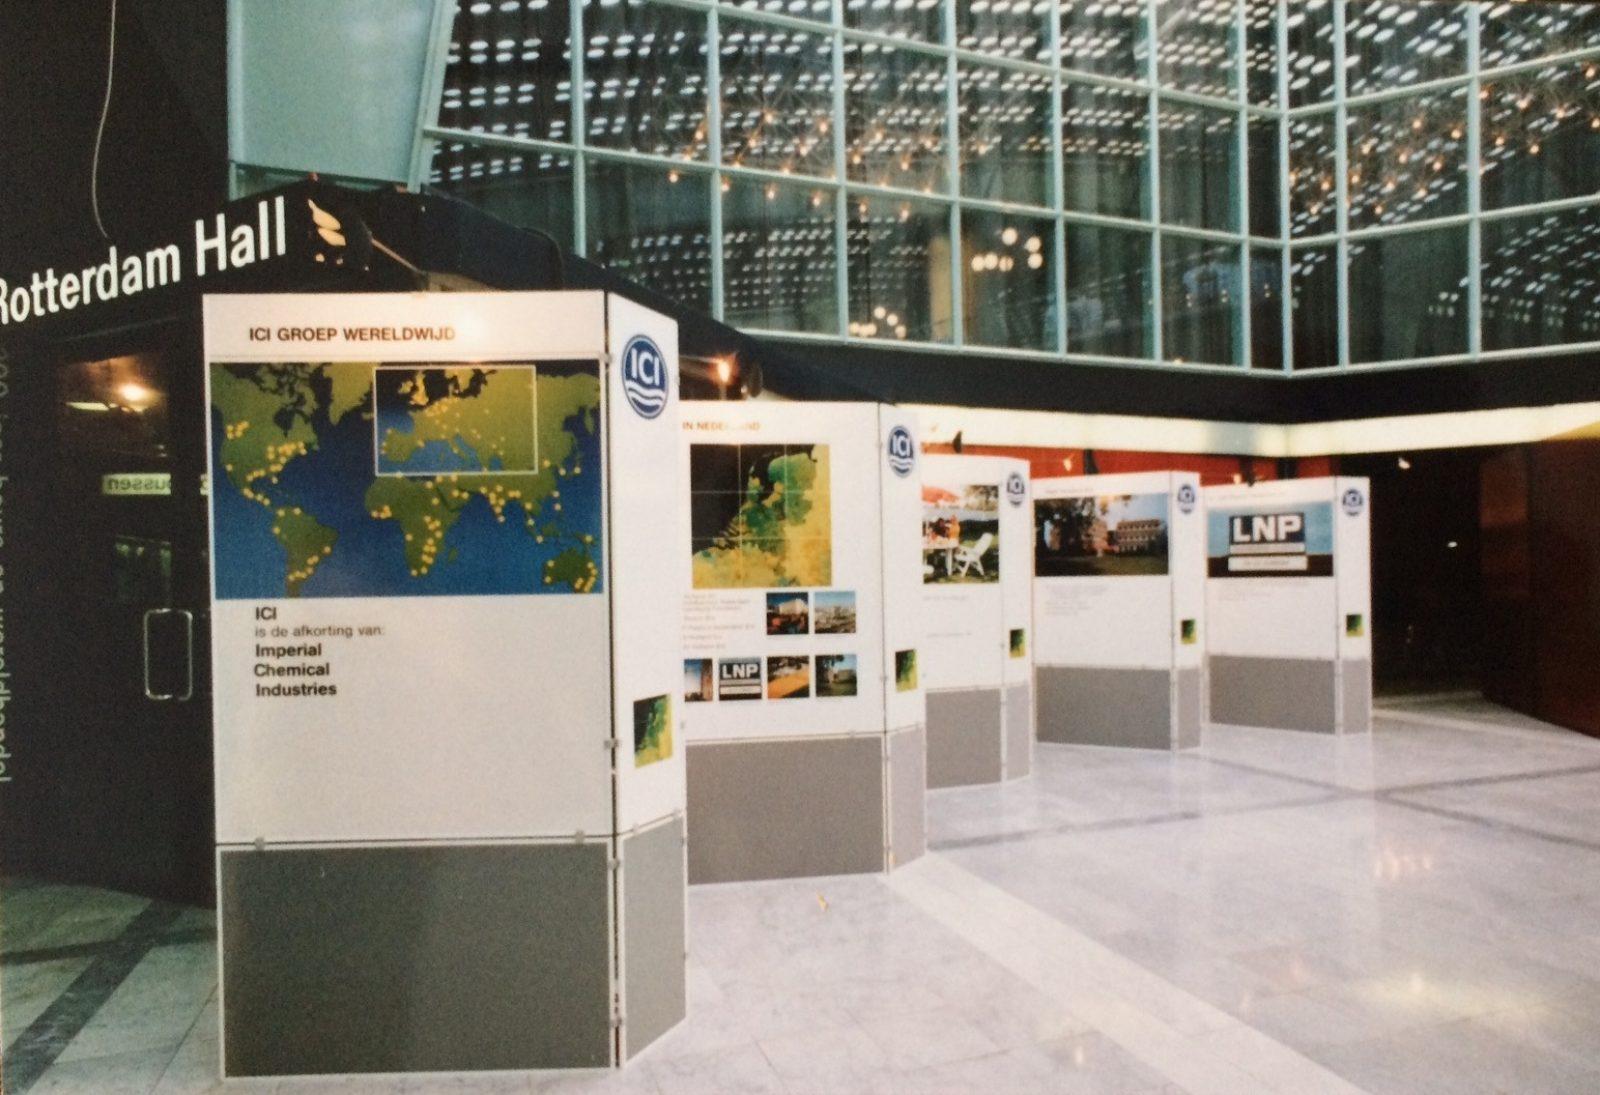 ICI presentatie in beursgebouw